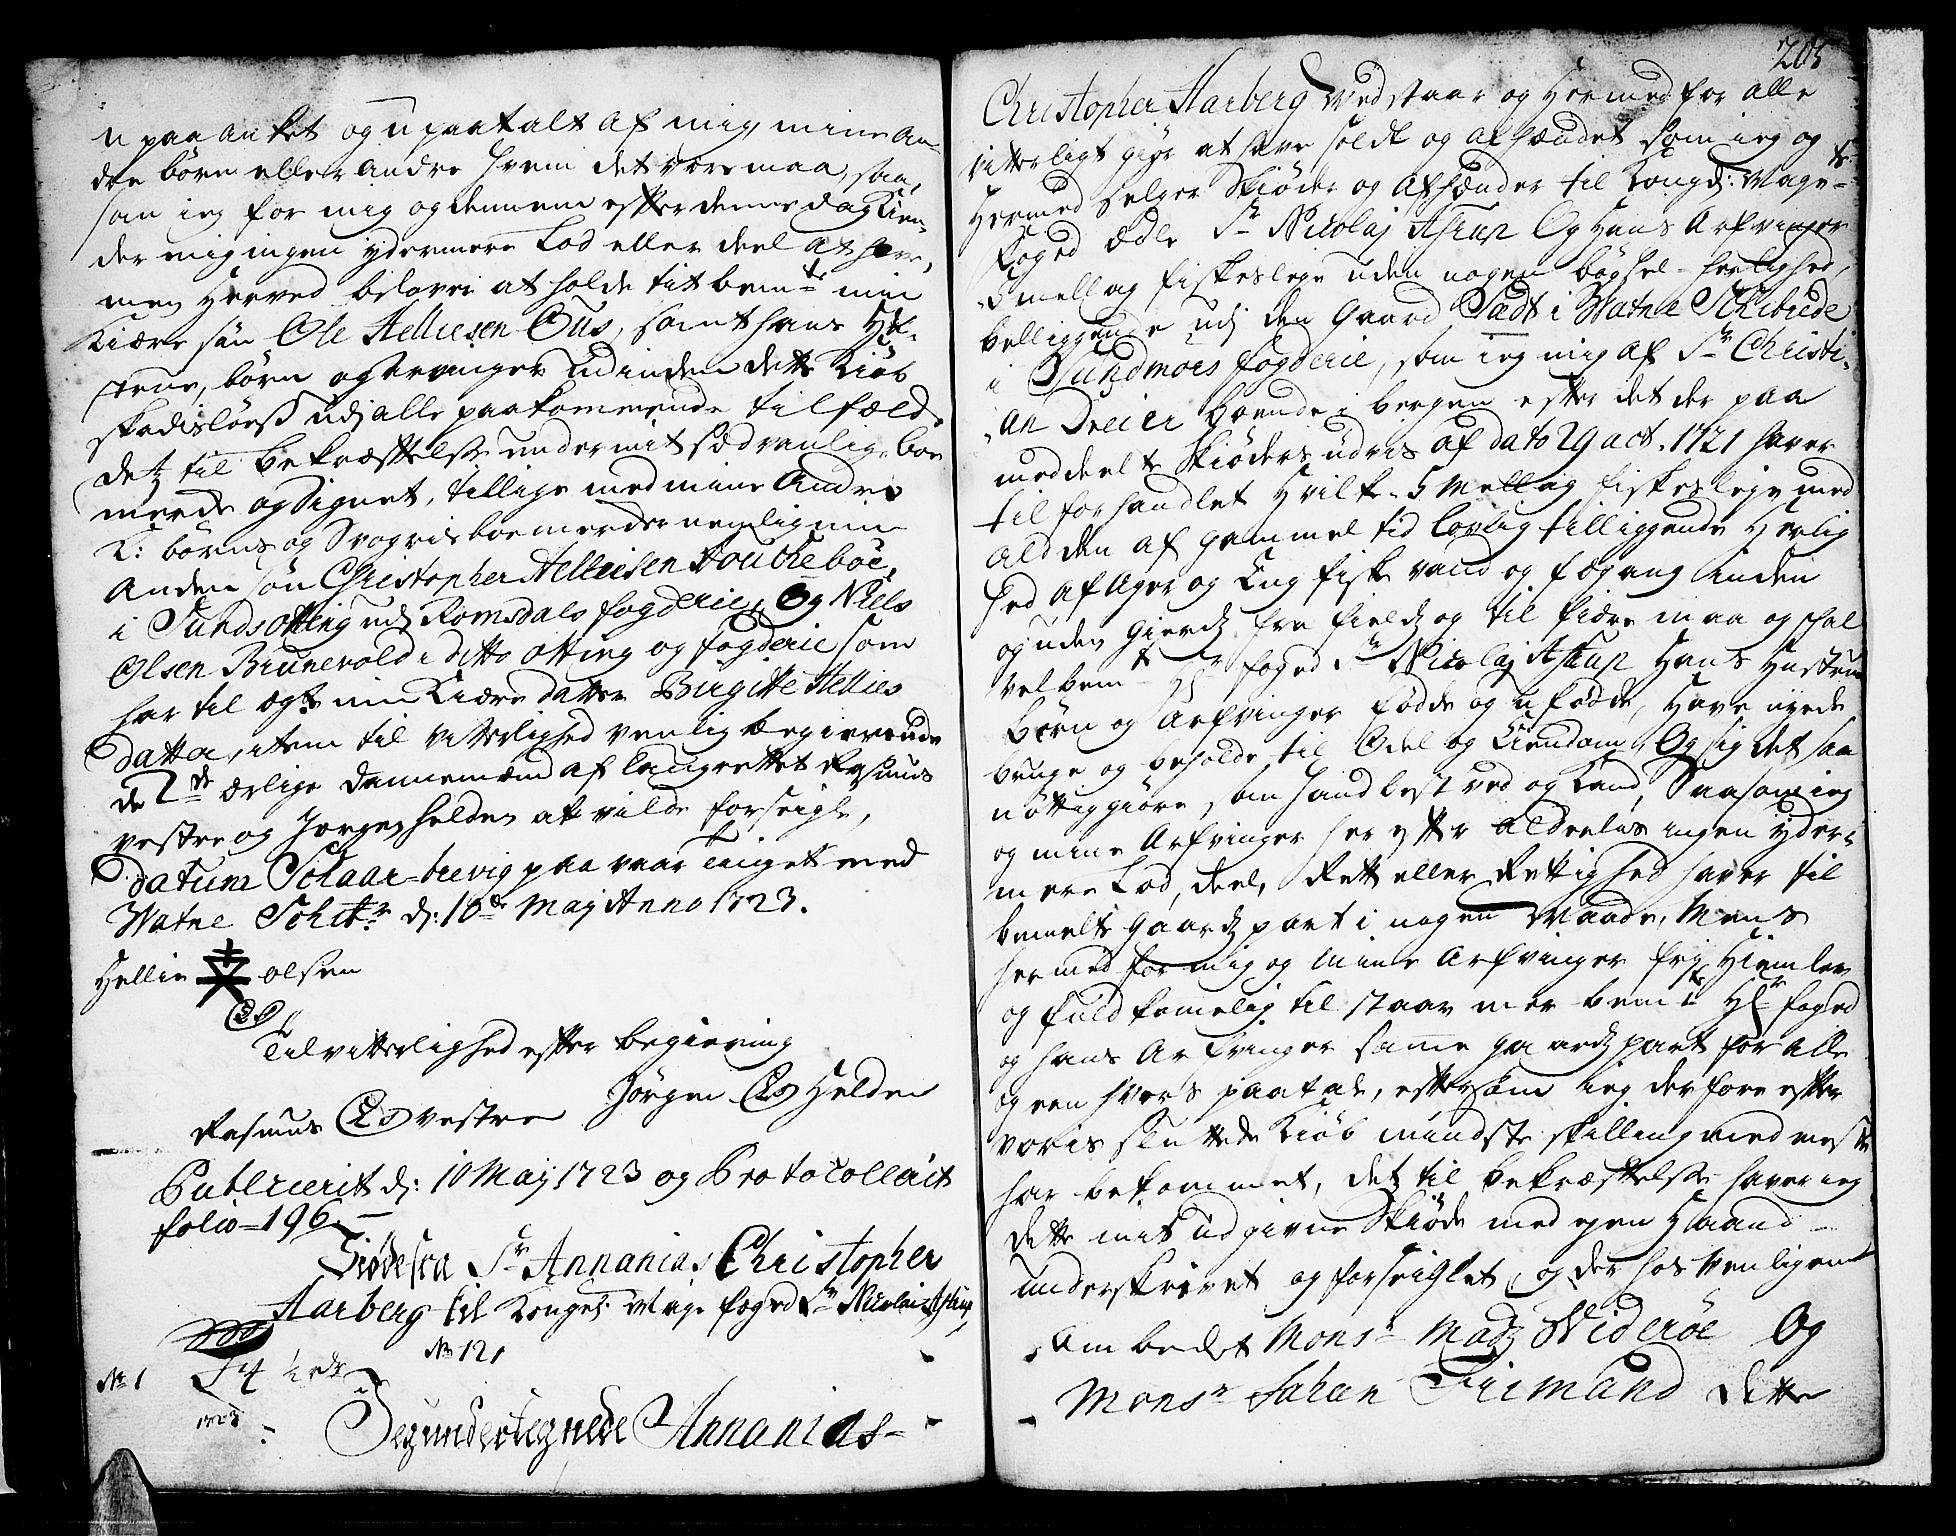 SAT, Sunnmøre sorenskriveri, 2/2C/L0001: Pantebok nr. 1, 1707-1724, s. 205